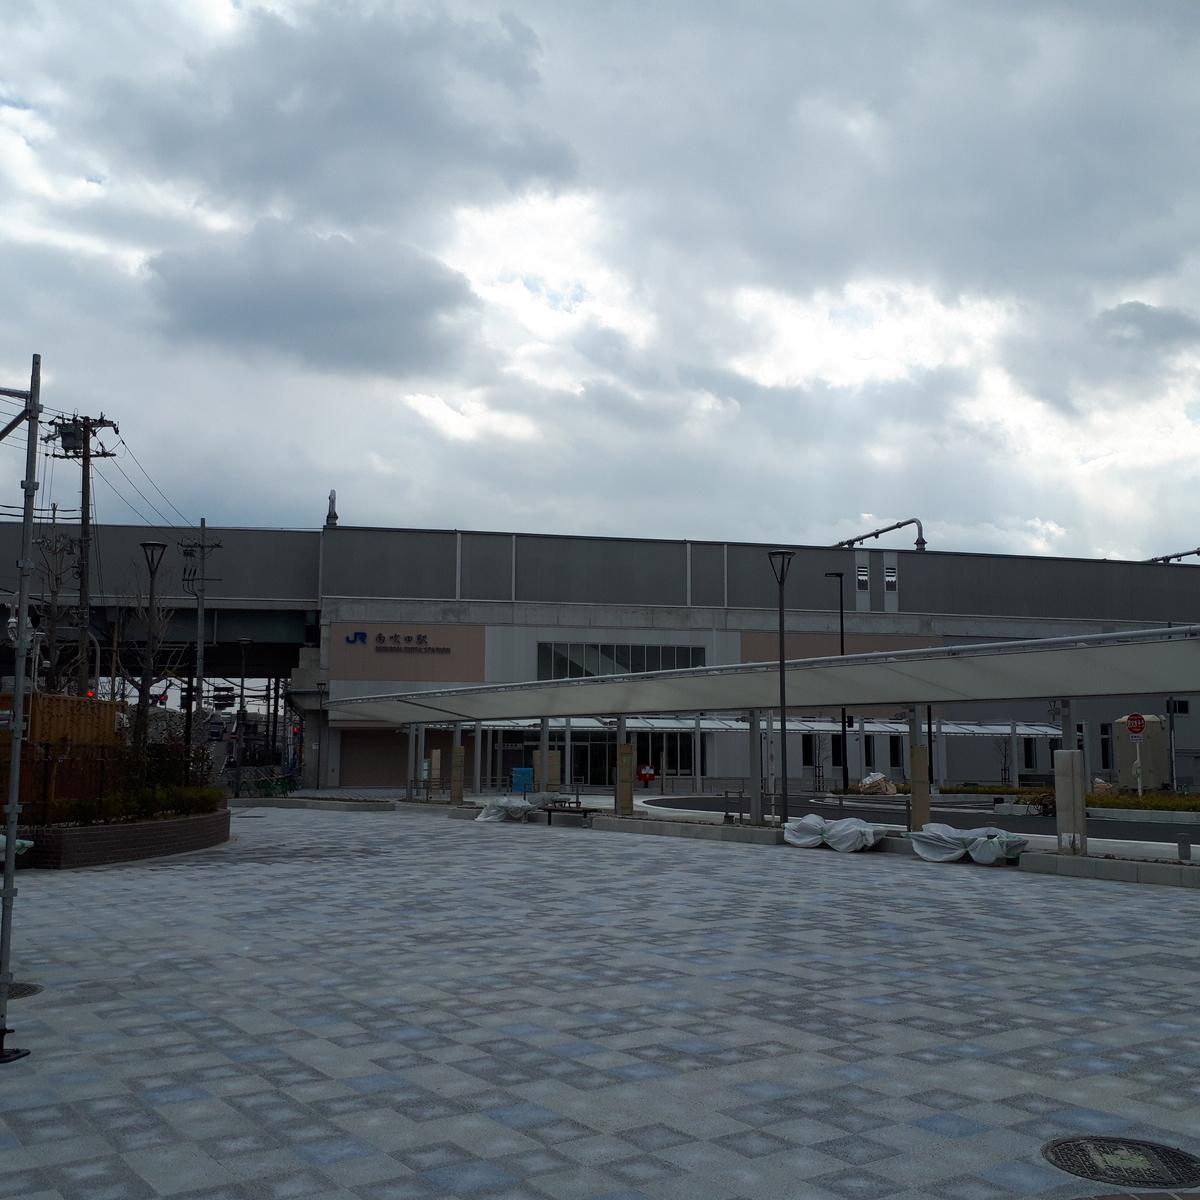 南吹田駅 駅前広場